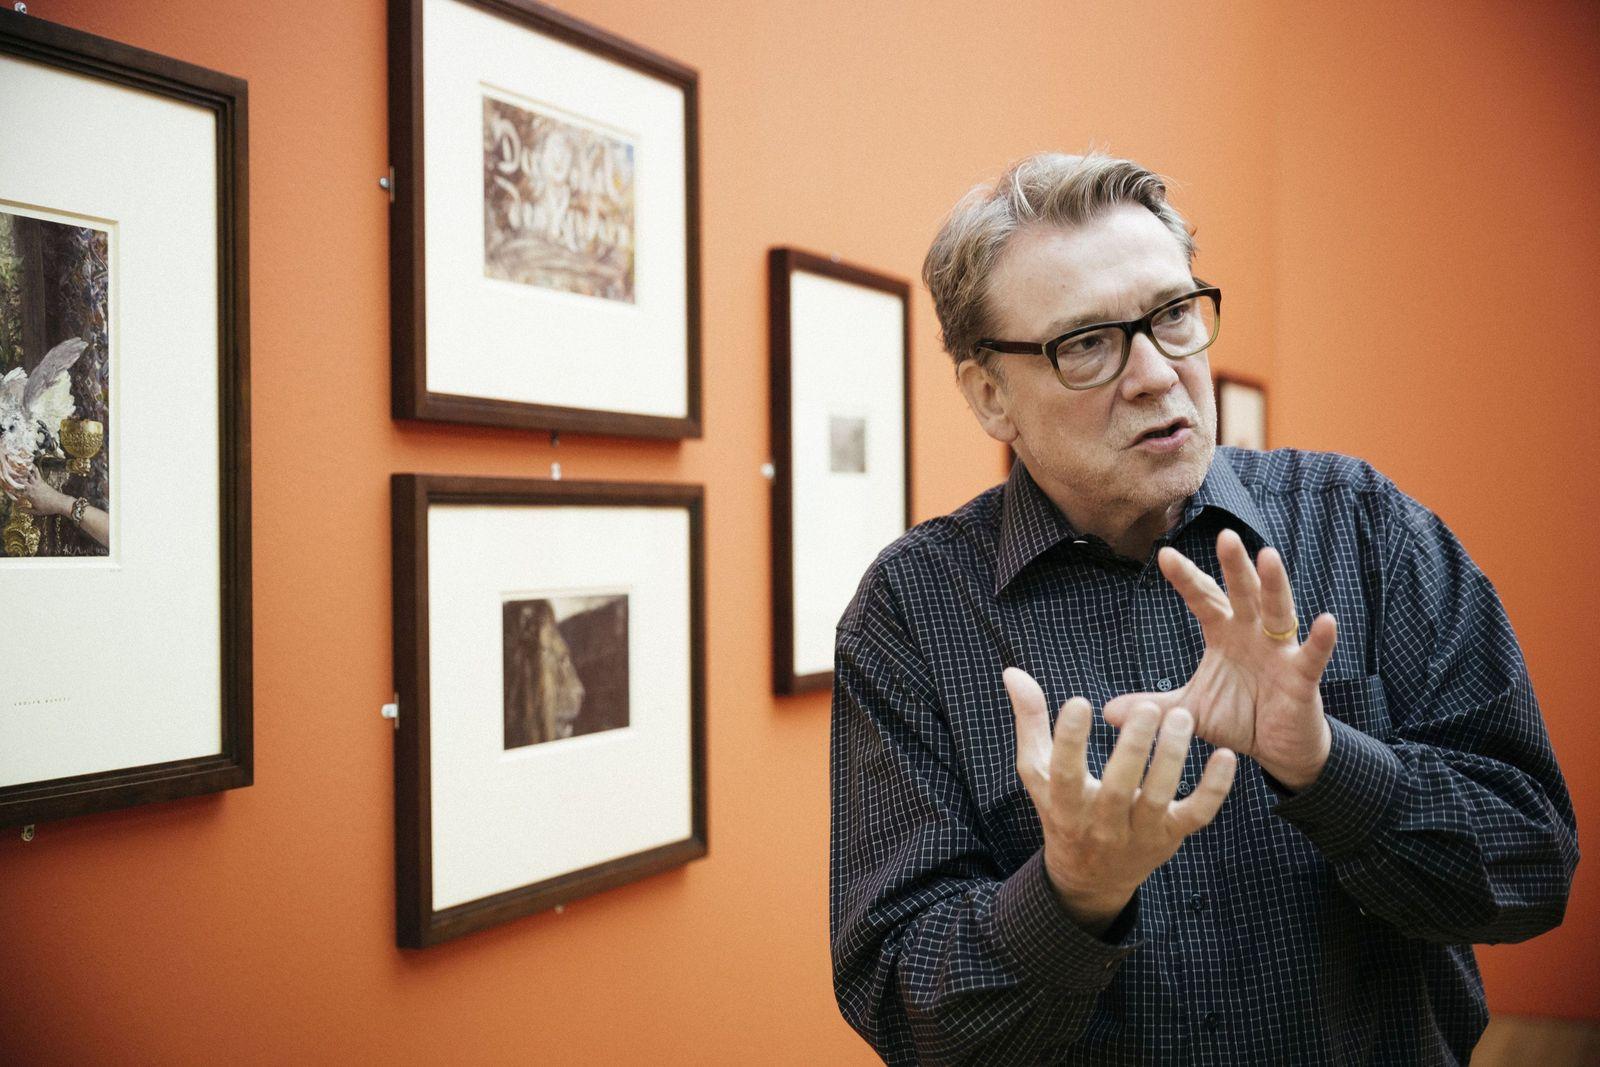 Direktor Heinrich Schulze Altcappenberg führt während des Aufbaus durch die Ausstellung